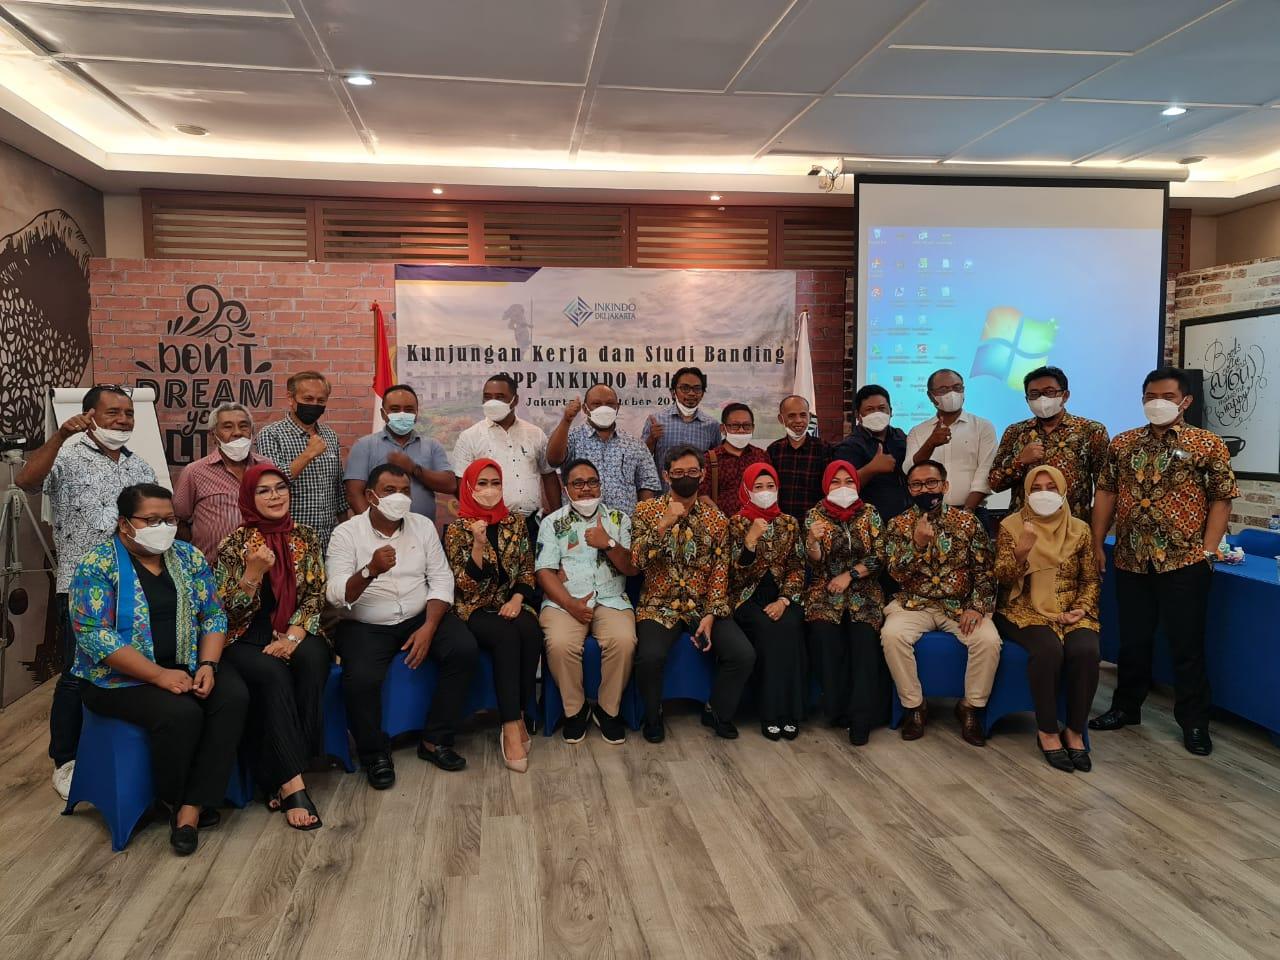 Kunjungan DPP INKINDO Maluku ke INKINDO DKI Jakarta